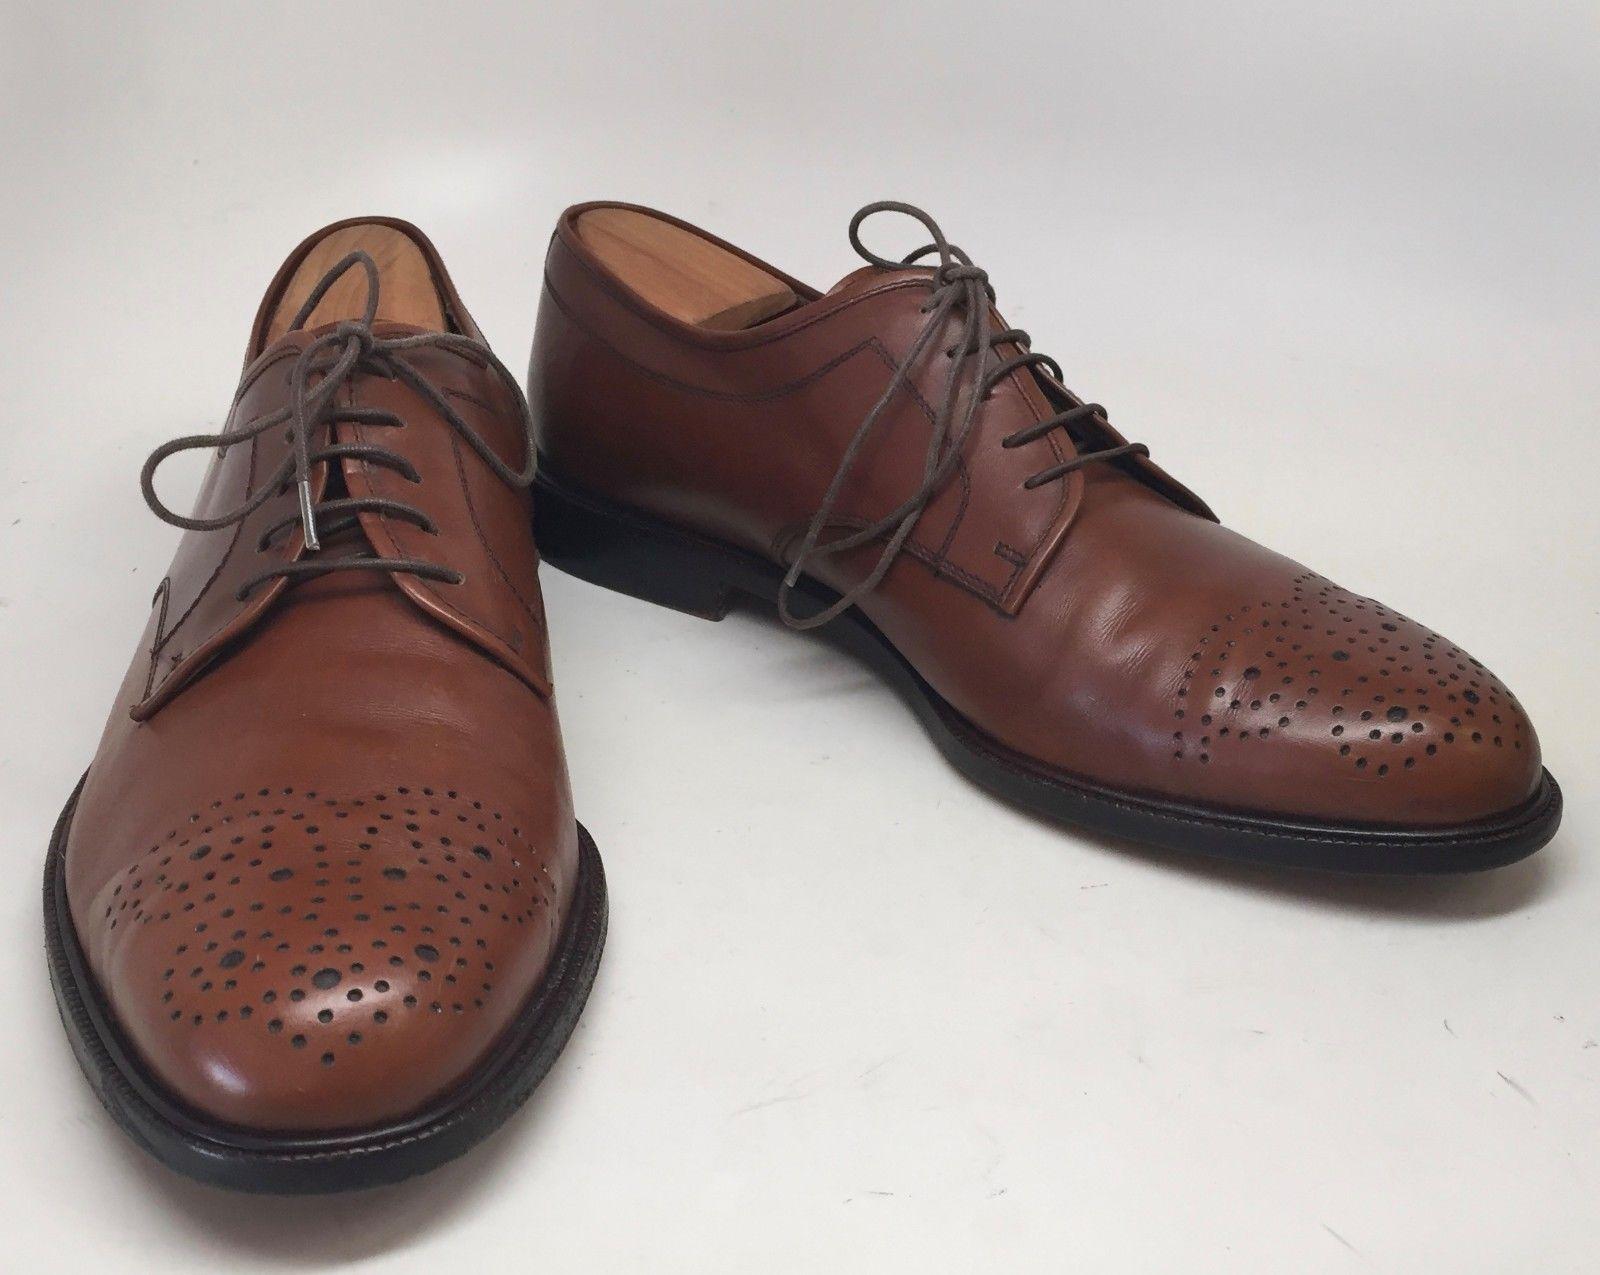 d40e7e48f6e ... Salvatore Ferragamo Studio Tan Perforated Cap-Toe Oxfords Size 9D Made  in Italy ...